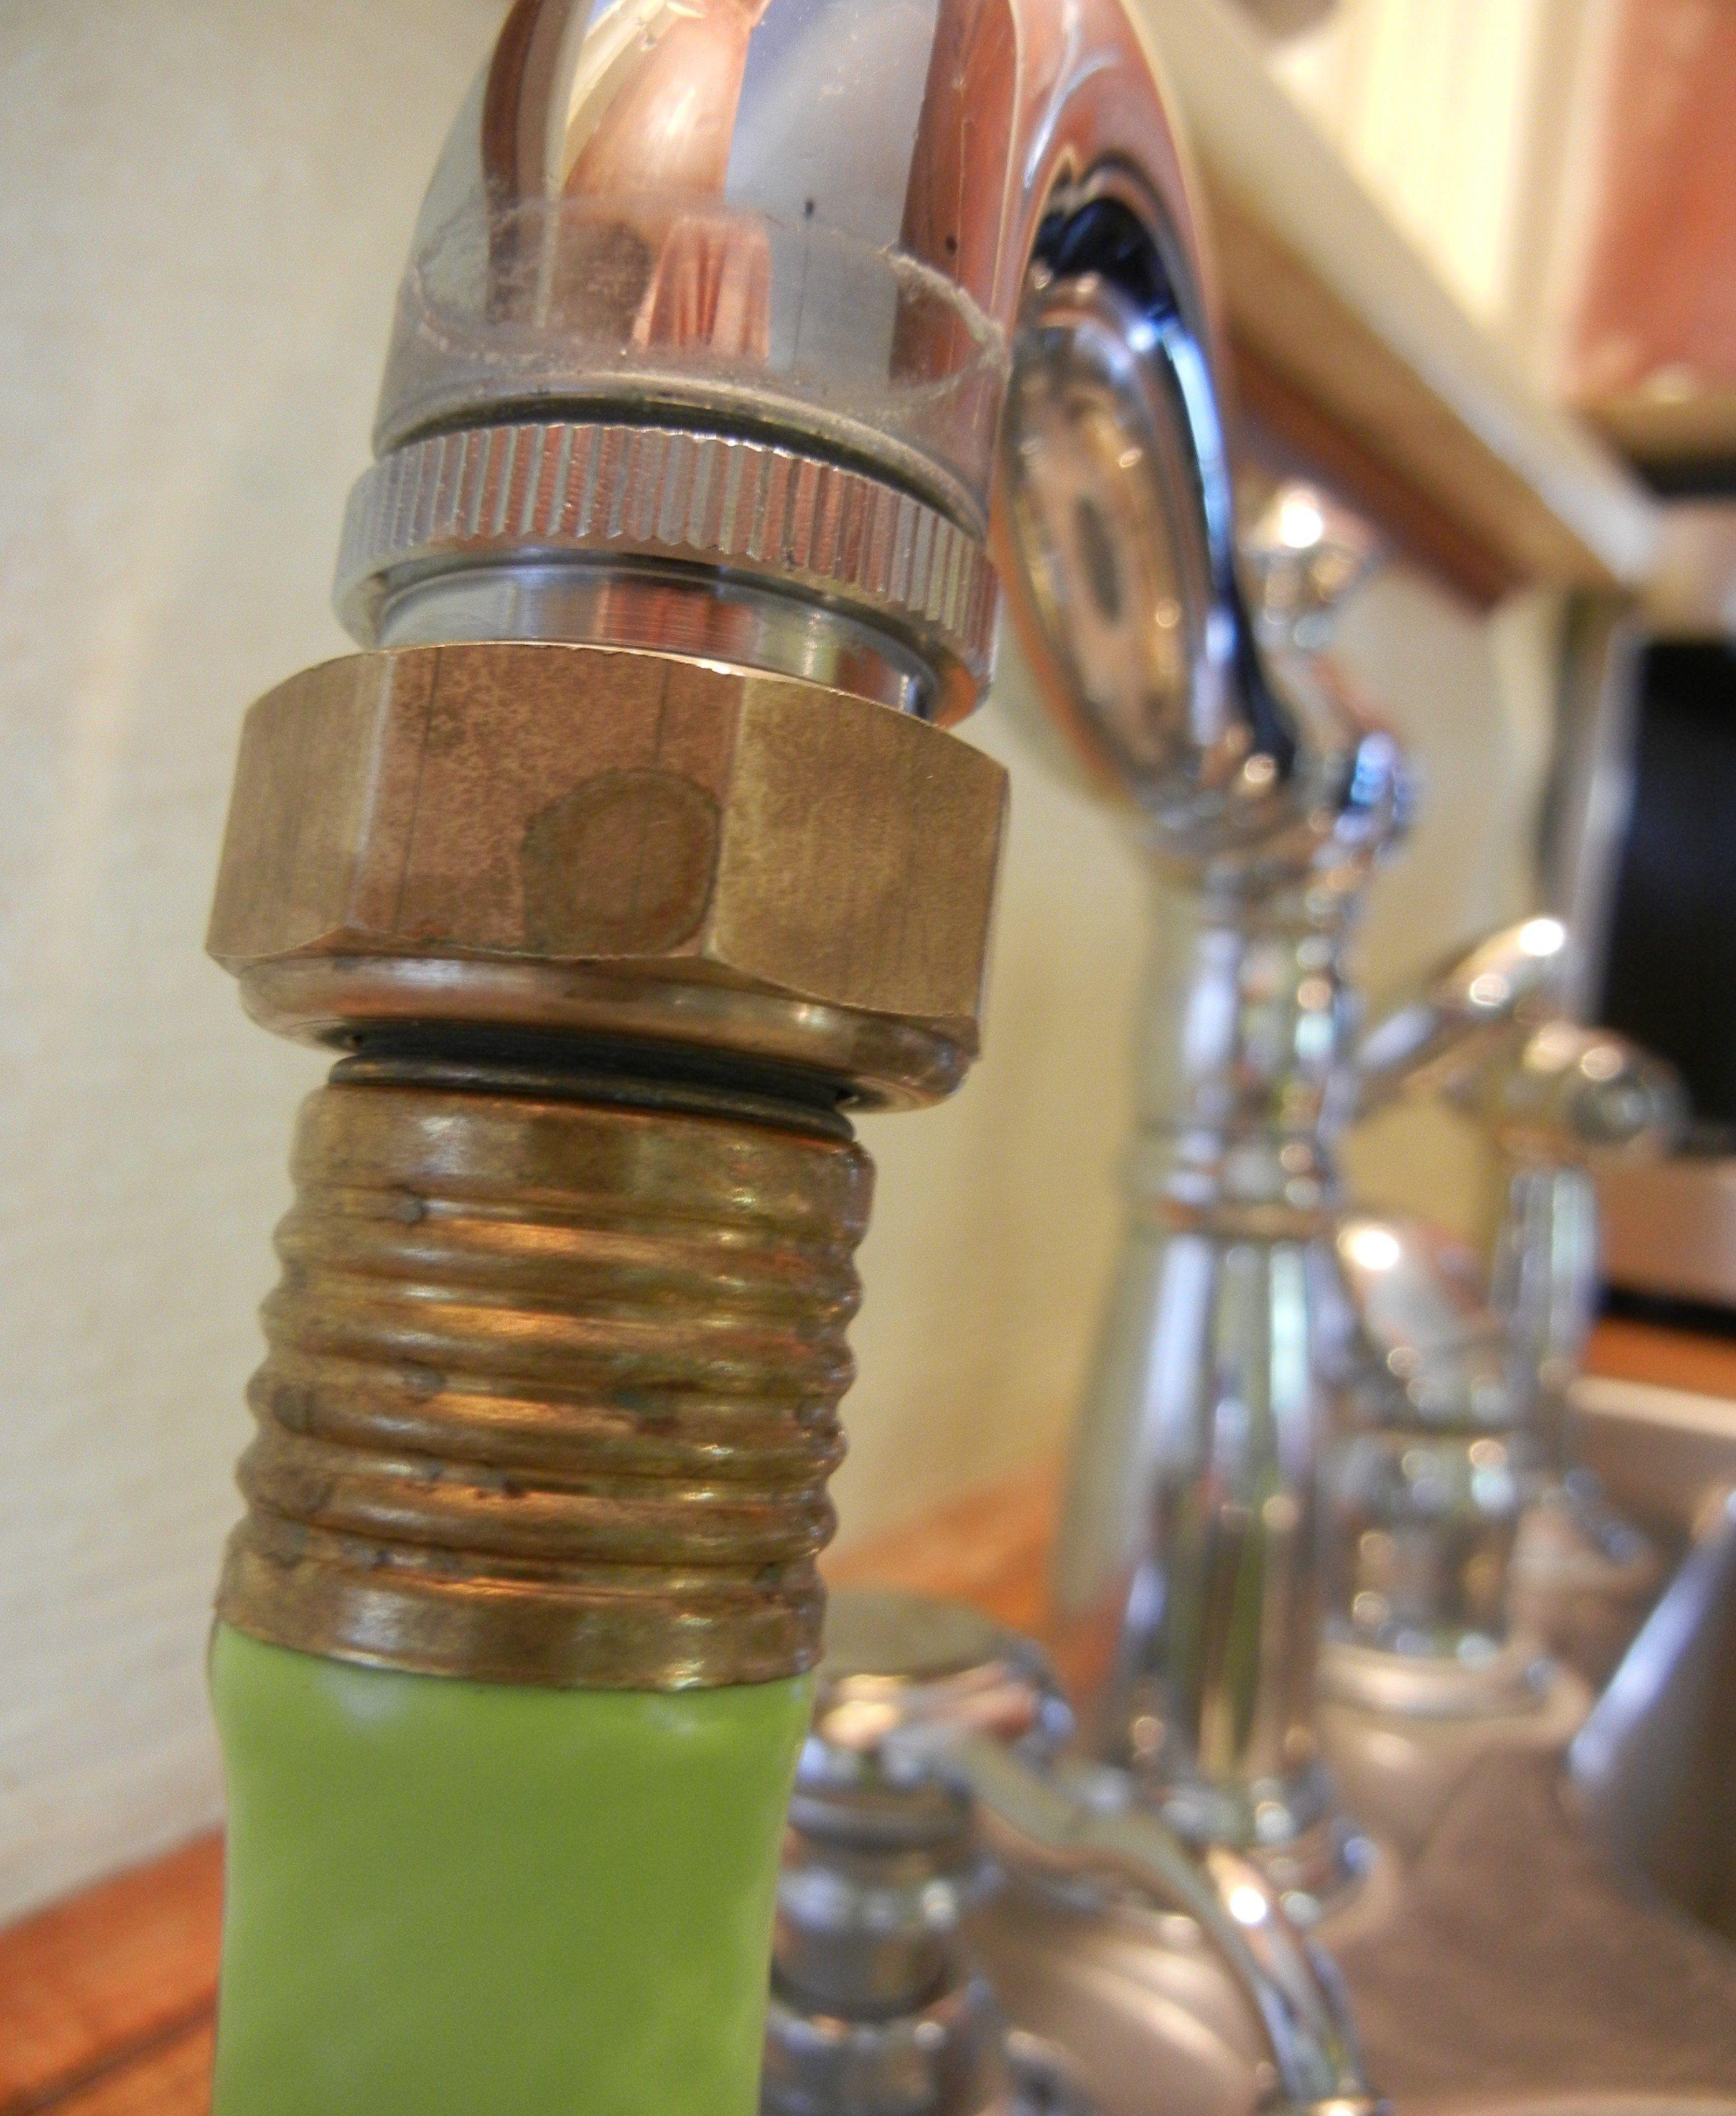 Kitchen Sink Garden Hose Adapter | garden hose nozzle & holder ...